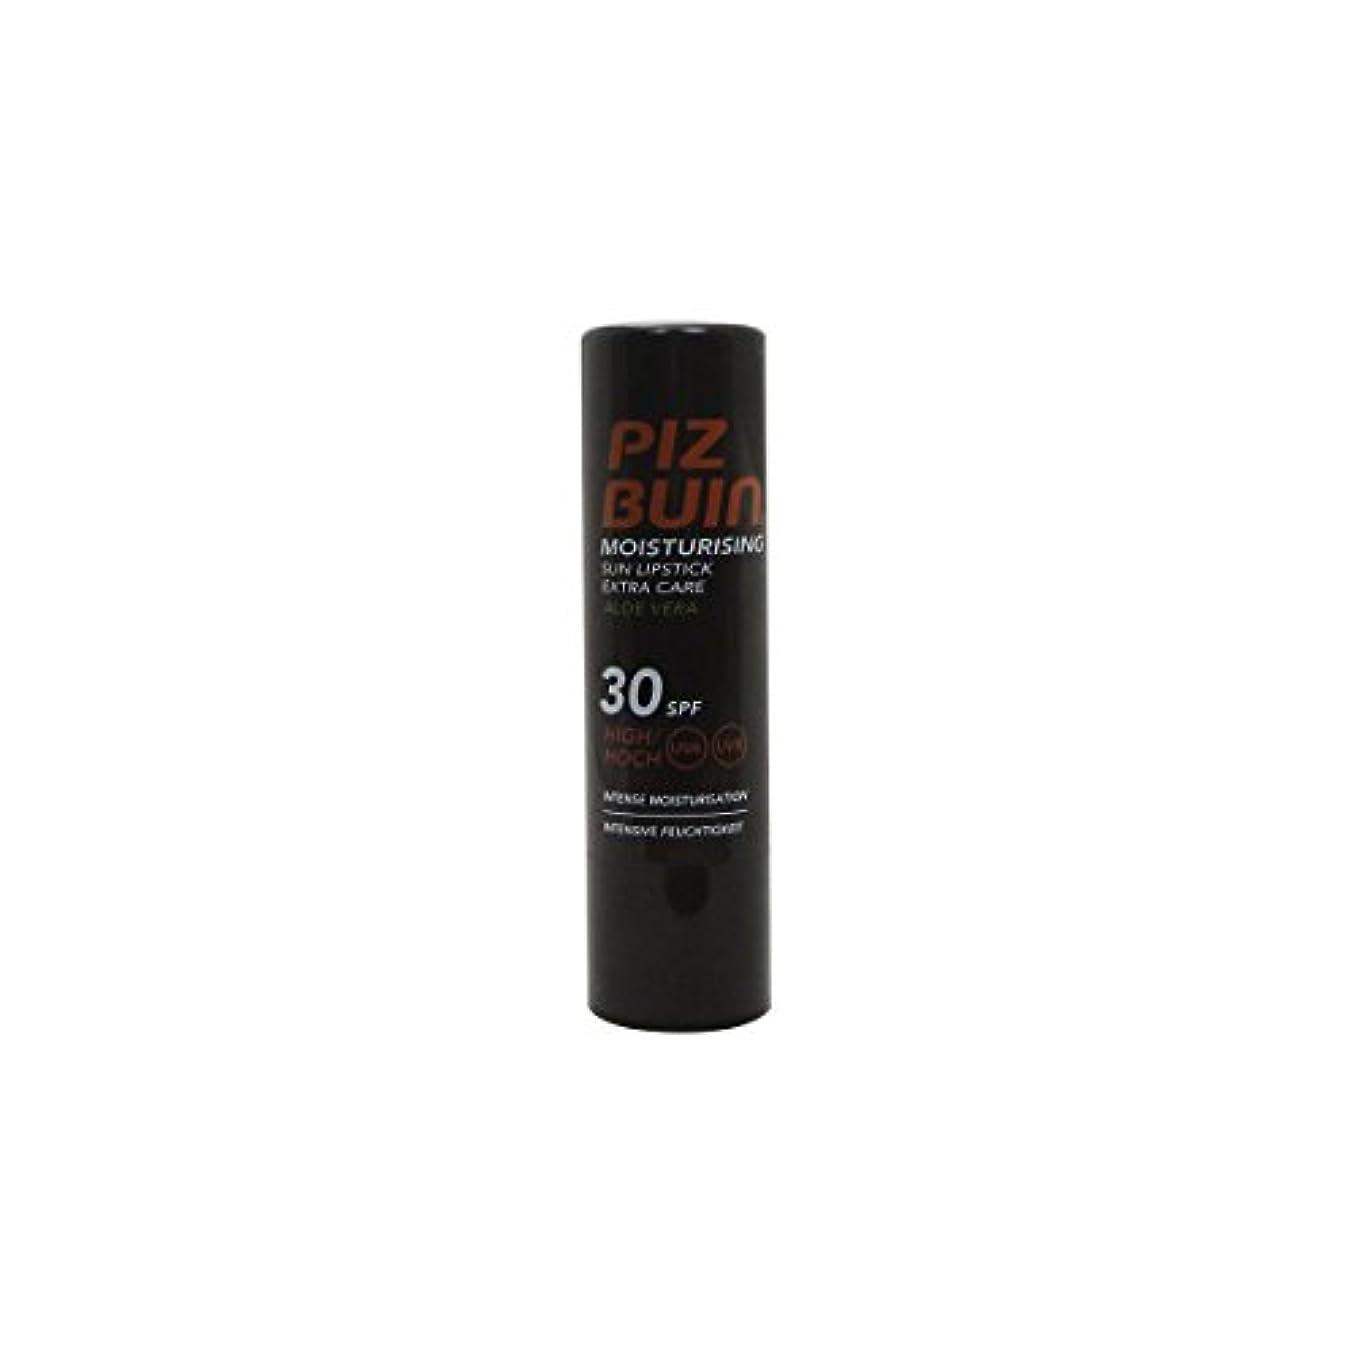 コース熟読トンネルPiz Buin Lipstick Spf 30 Moisturising With Aloe Vera5g [並行輸入品]